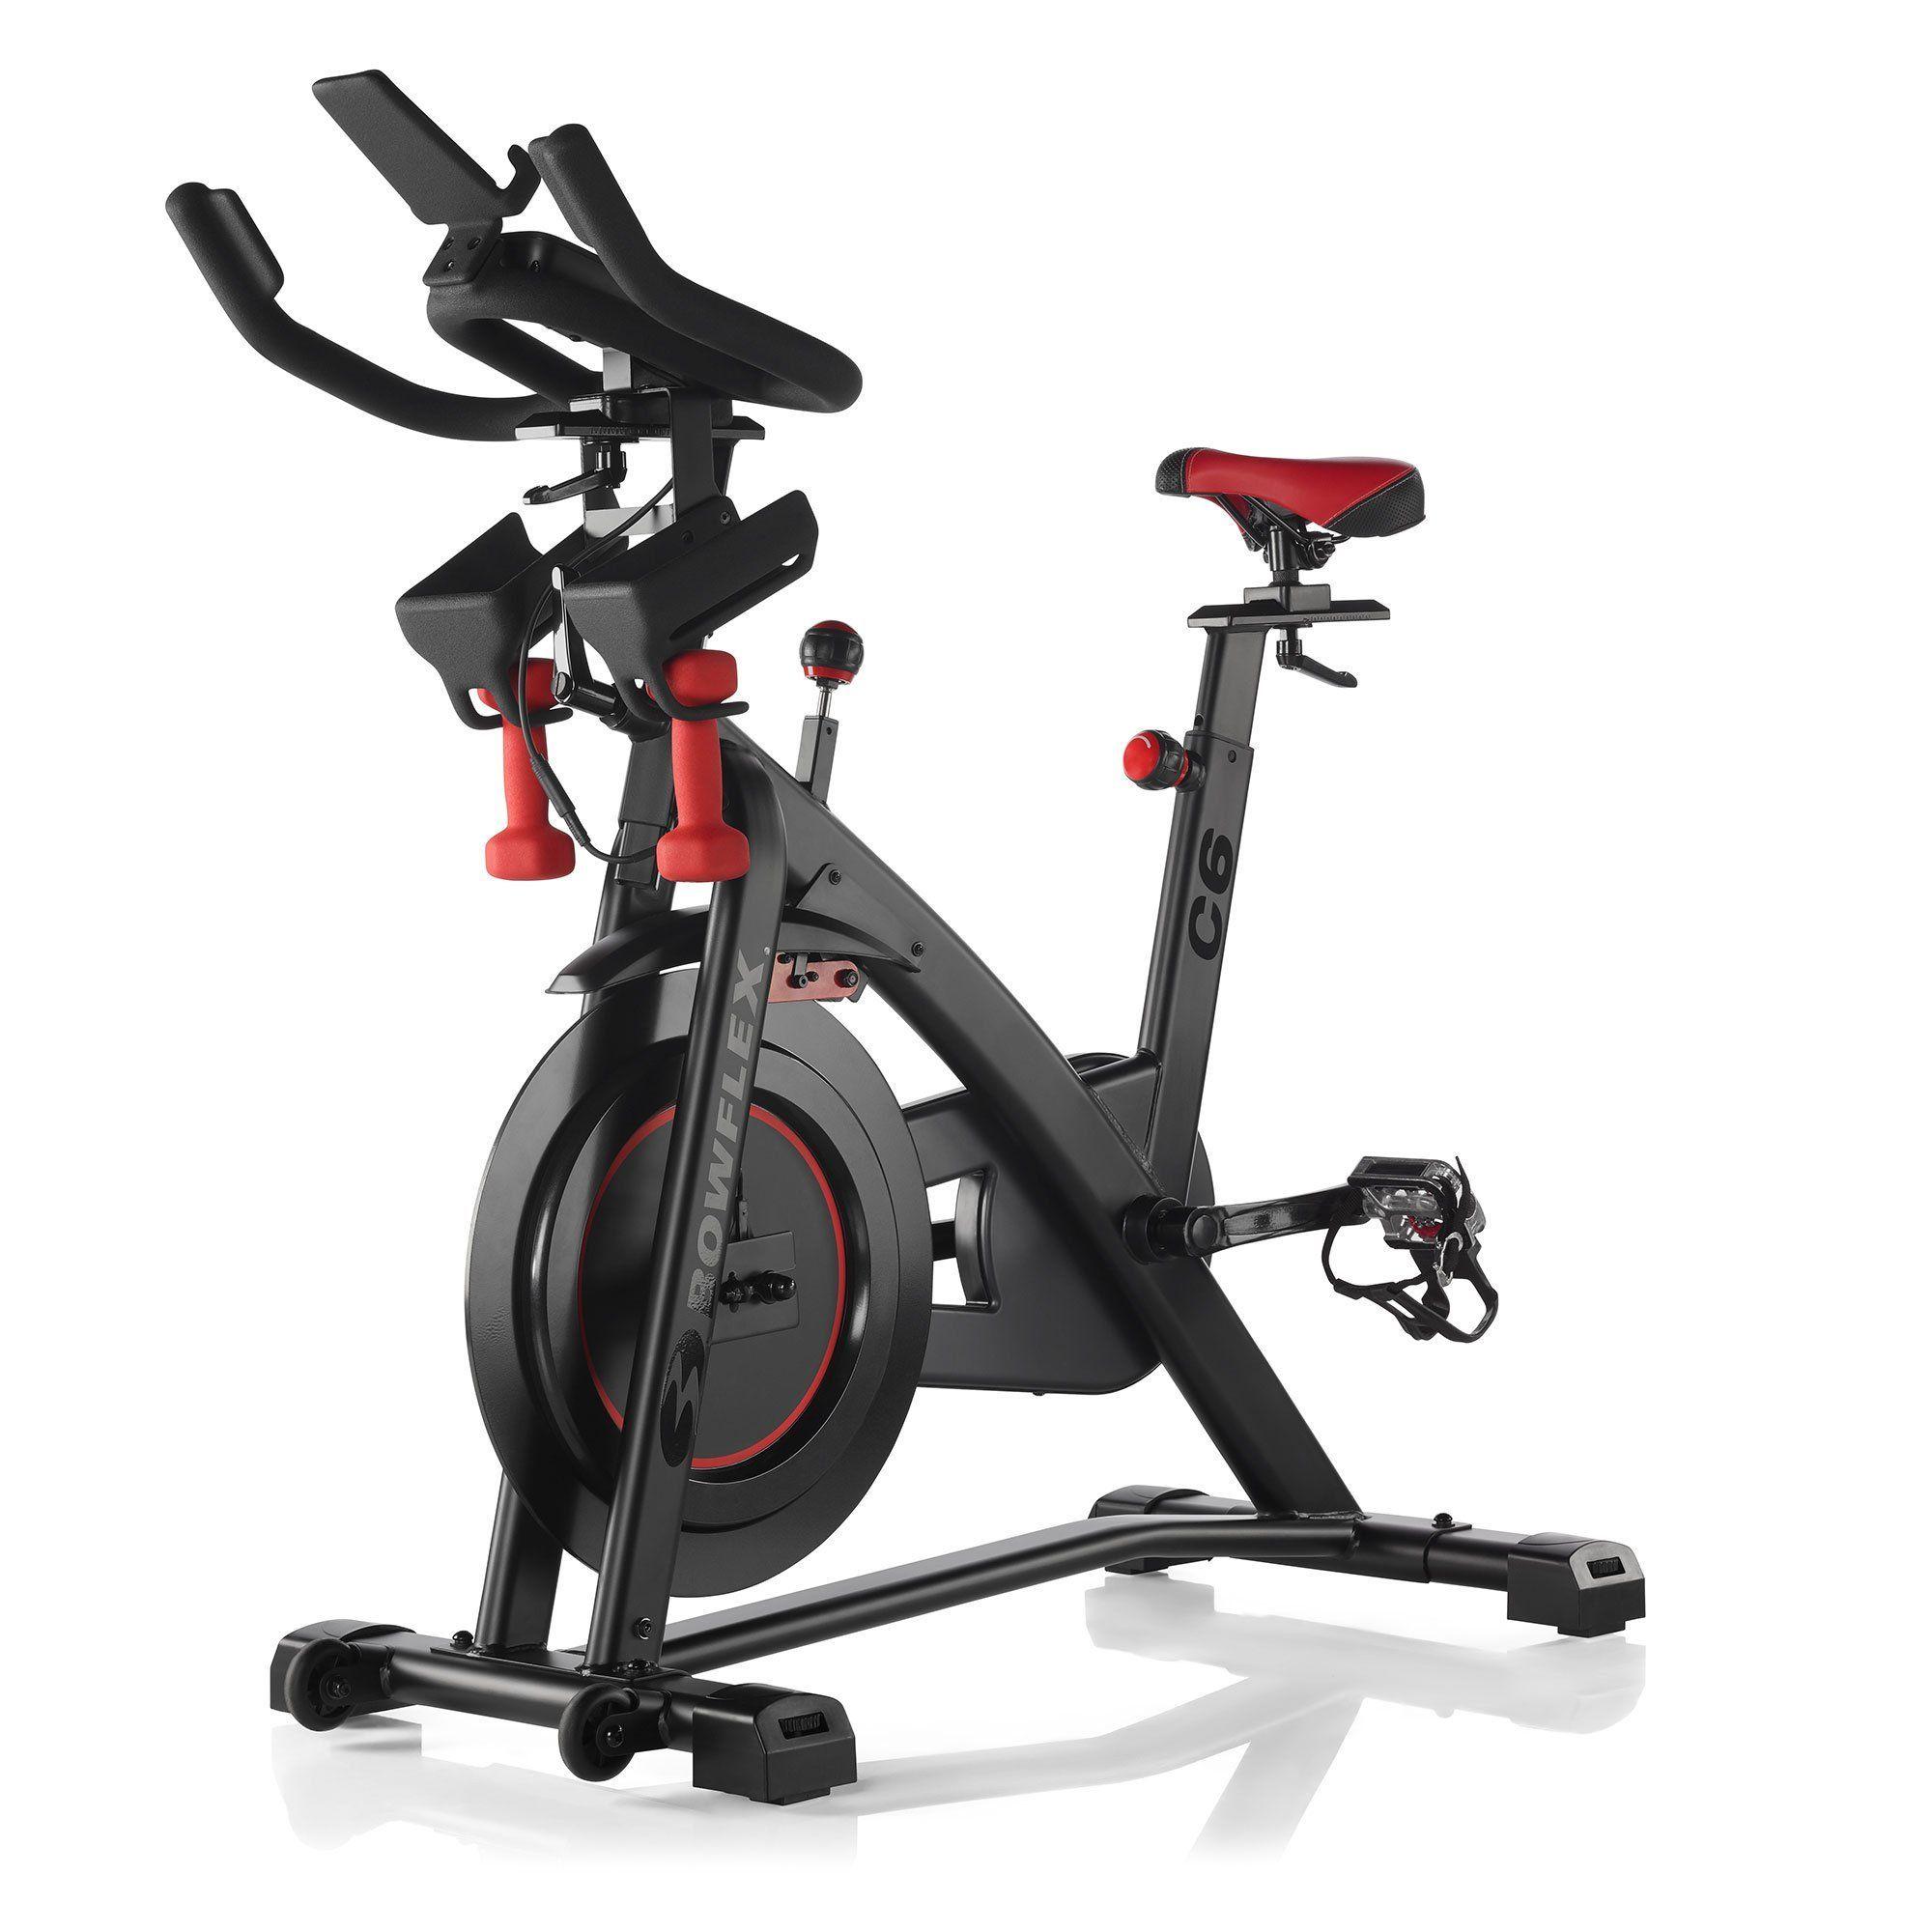 C6 Indoor Exercise Bike With Images Biking Workout Indoor